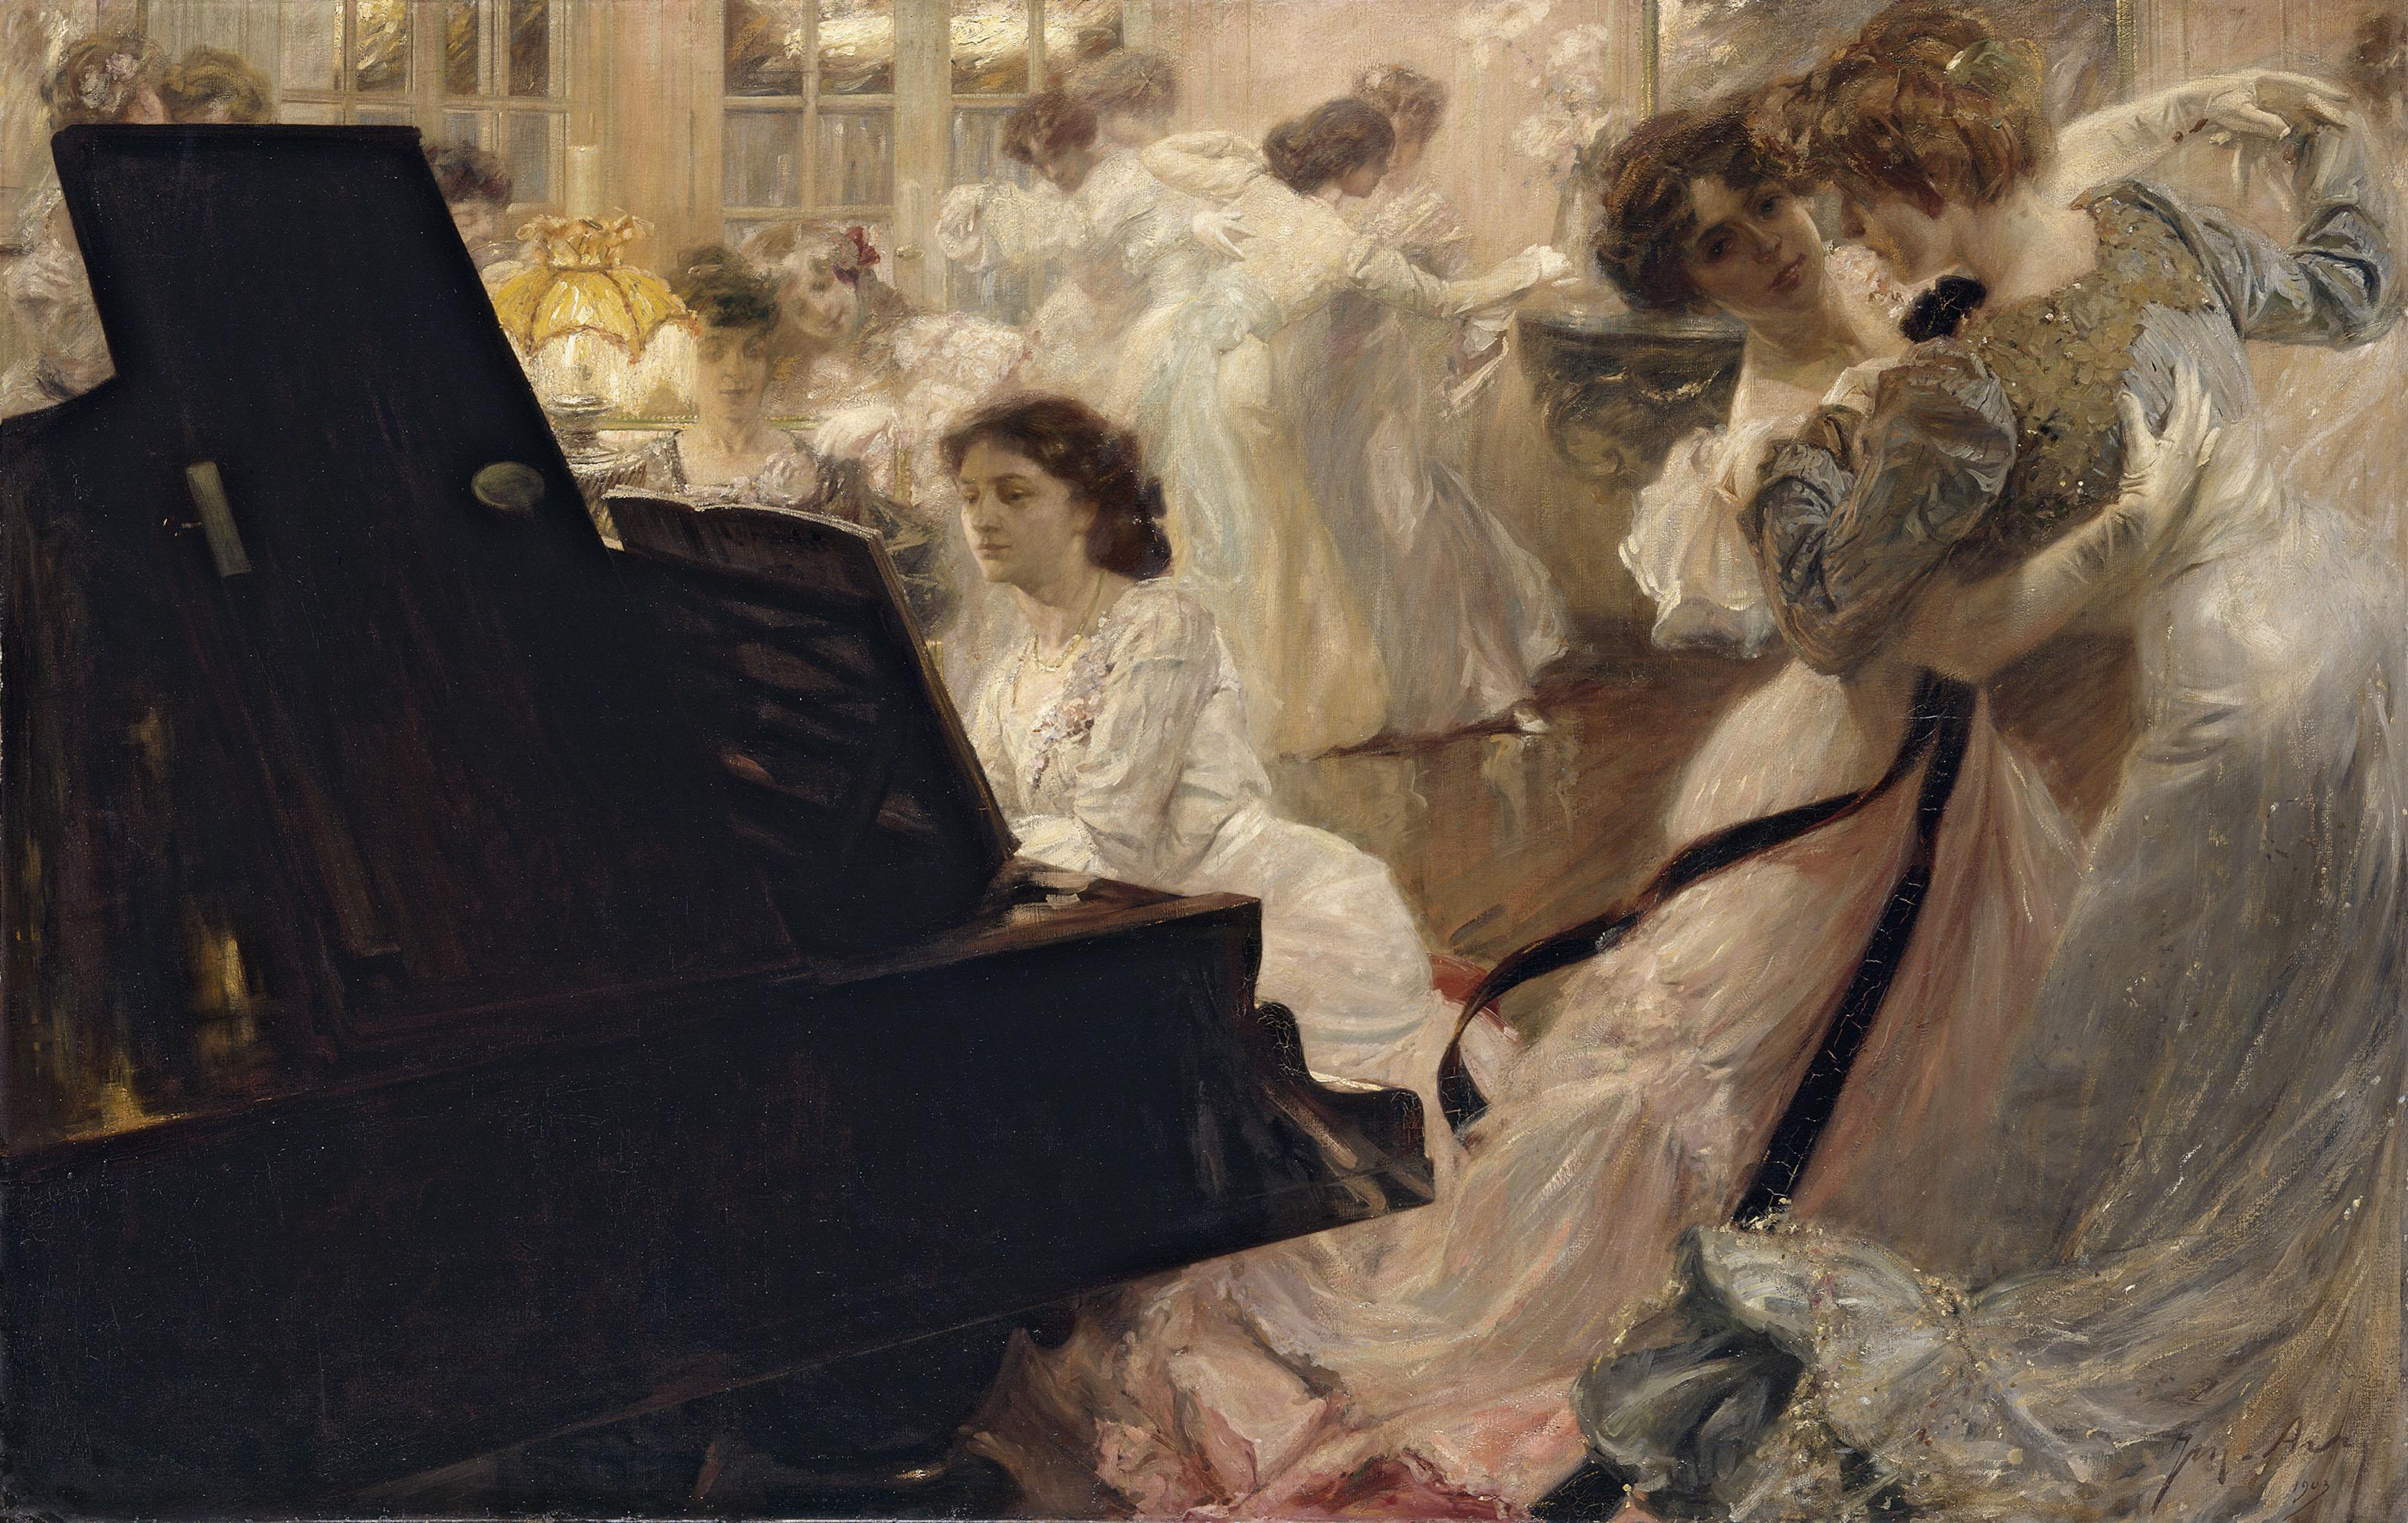 Bal Blanc de Joseph-Marius Avy © Petit Palais / Roger-Viollet